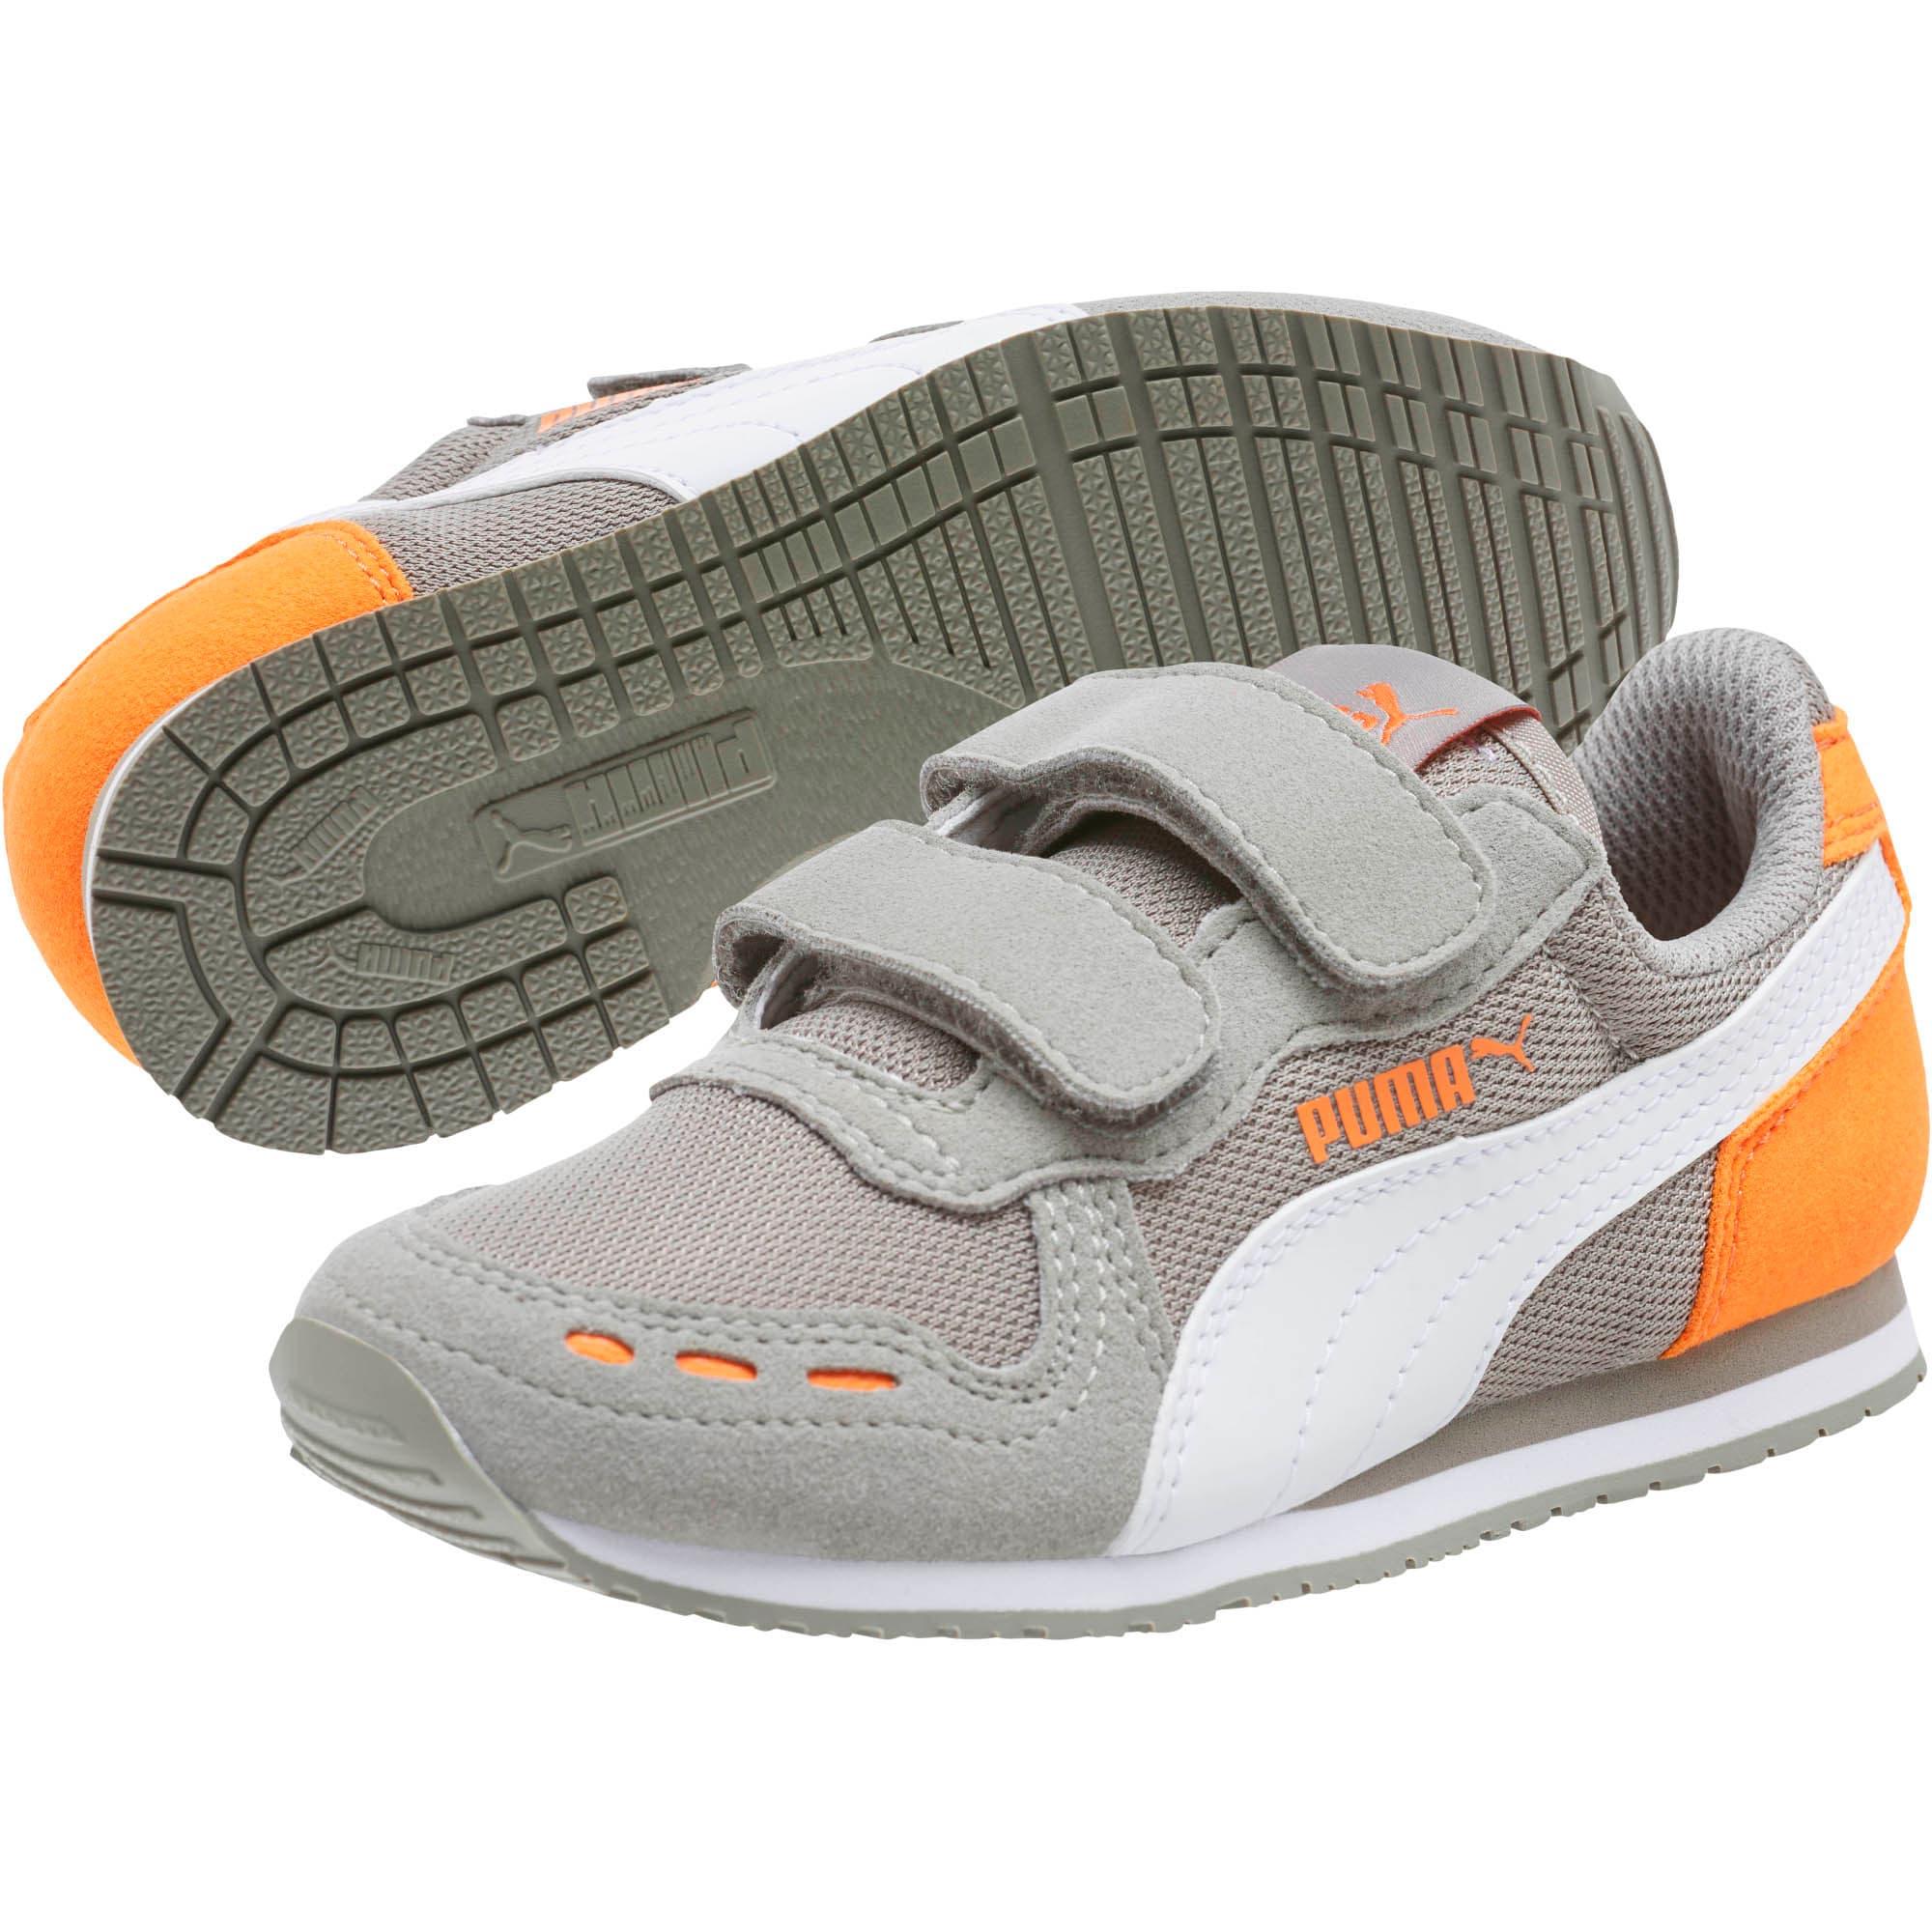 Thumbnail 2 of Cabana Racer Mesh AC Little Kids' Shoes, Rock Ridge-White-Vibrant, medium